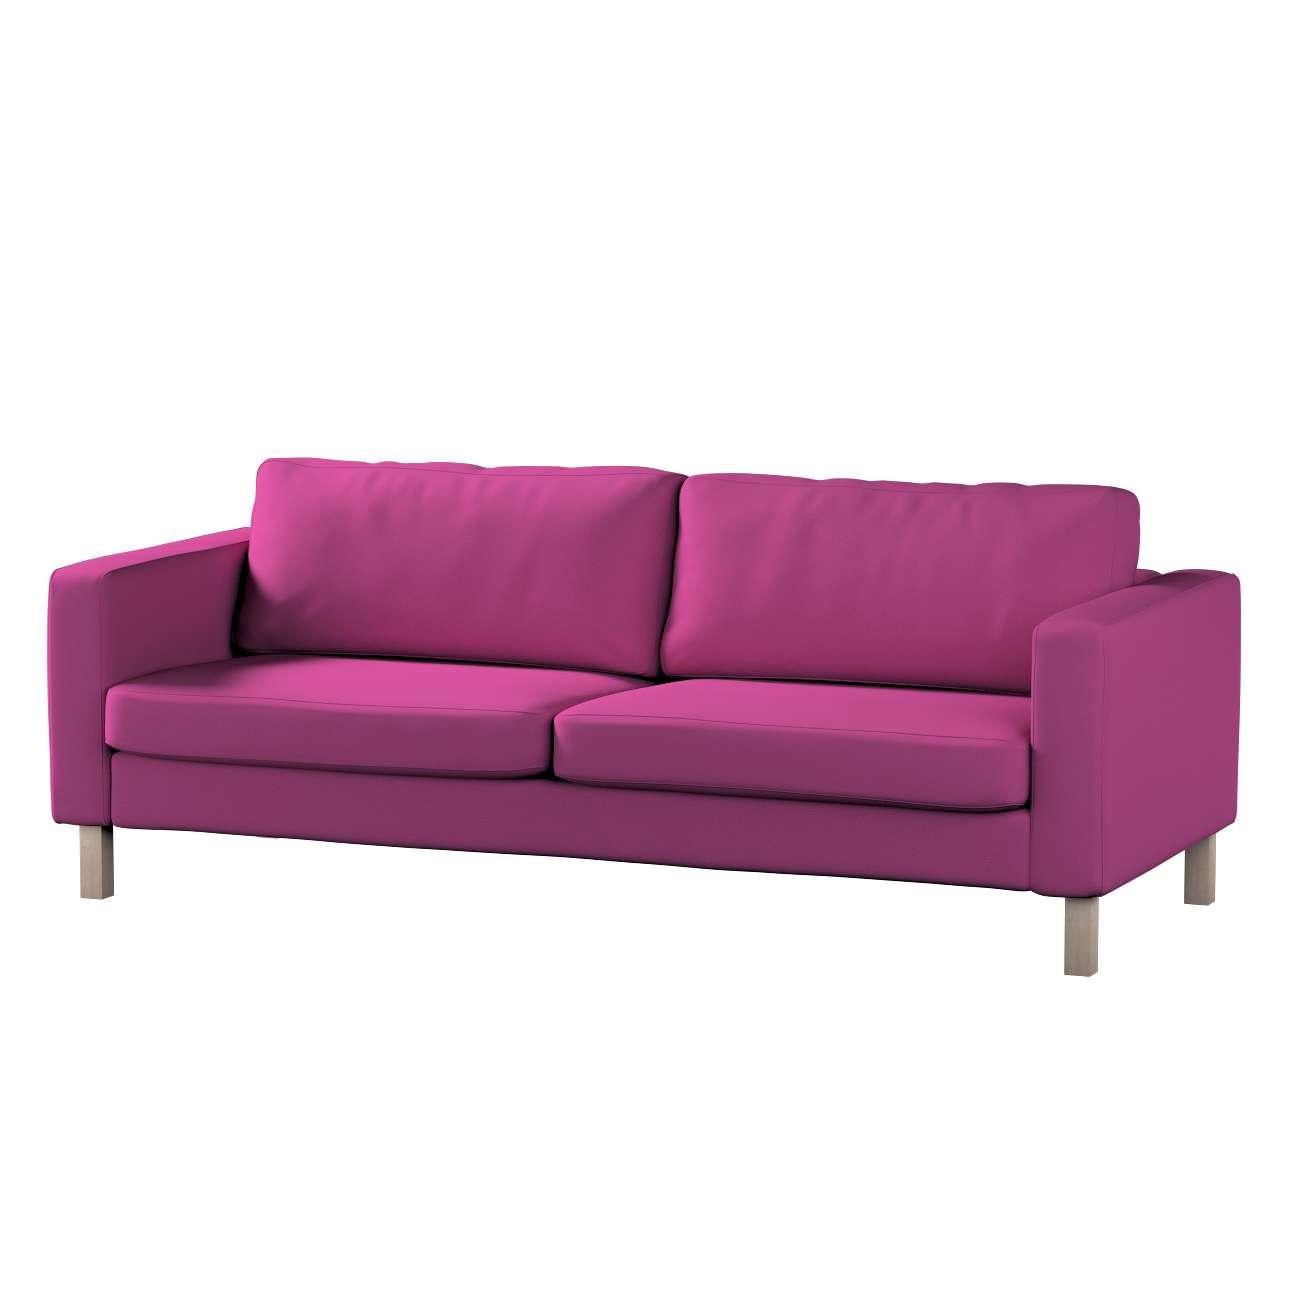 Pokrowiec na sofę Karlstad 3-osobową nierozkładaną, krótki Sofa Karlstad 3-osobowa w kolekcji Etna , tkanina: 705-23